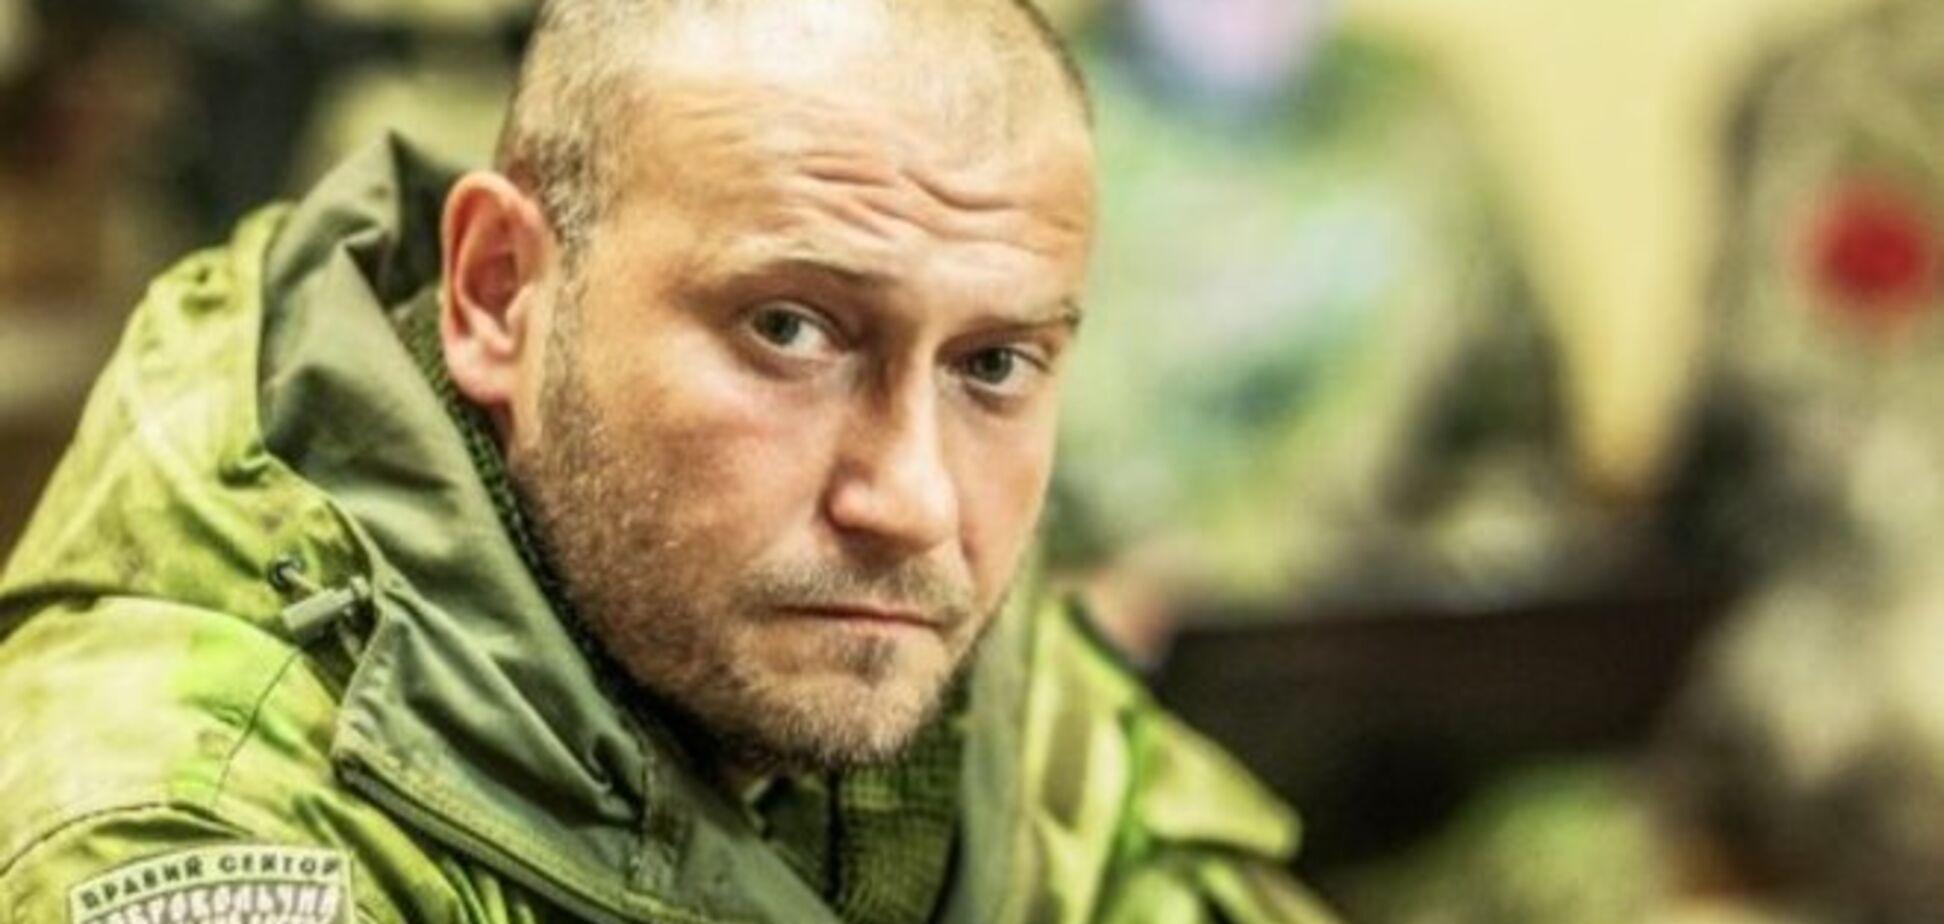 Ярош пришел в себя после операции и сразу попросился в палату к боевым друзьям